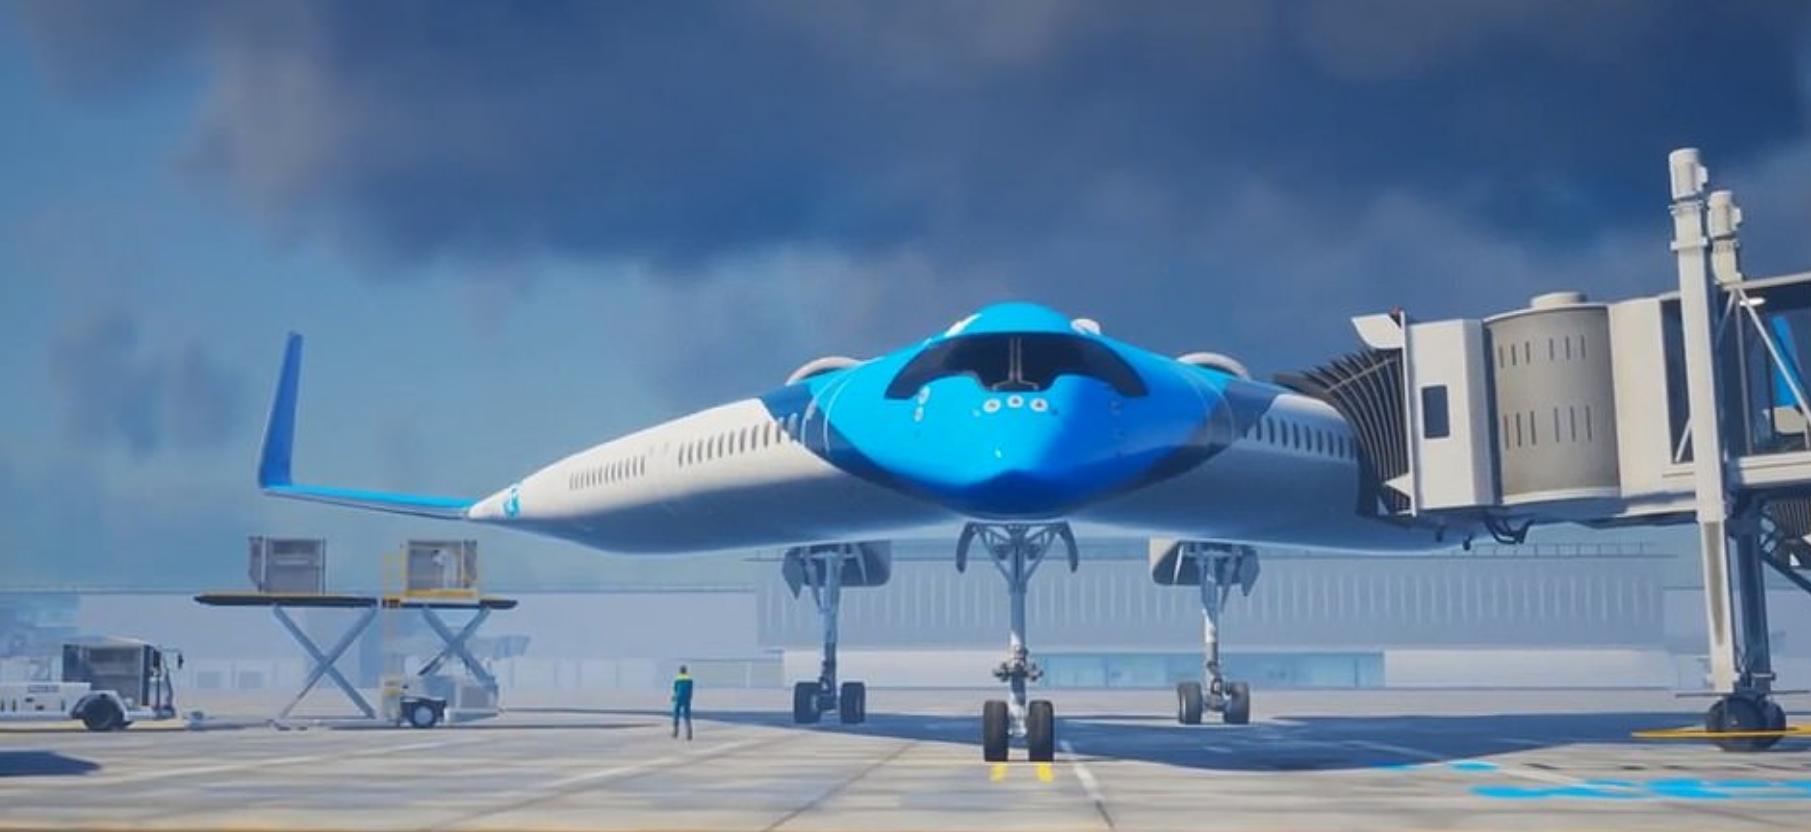 Το αεροσκάφος θα μπορεί να χρησιμοποιεί τις υπάρχουσες υποδομές των περισσότερων αεροδρομίων.